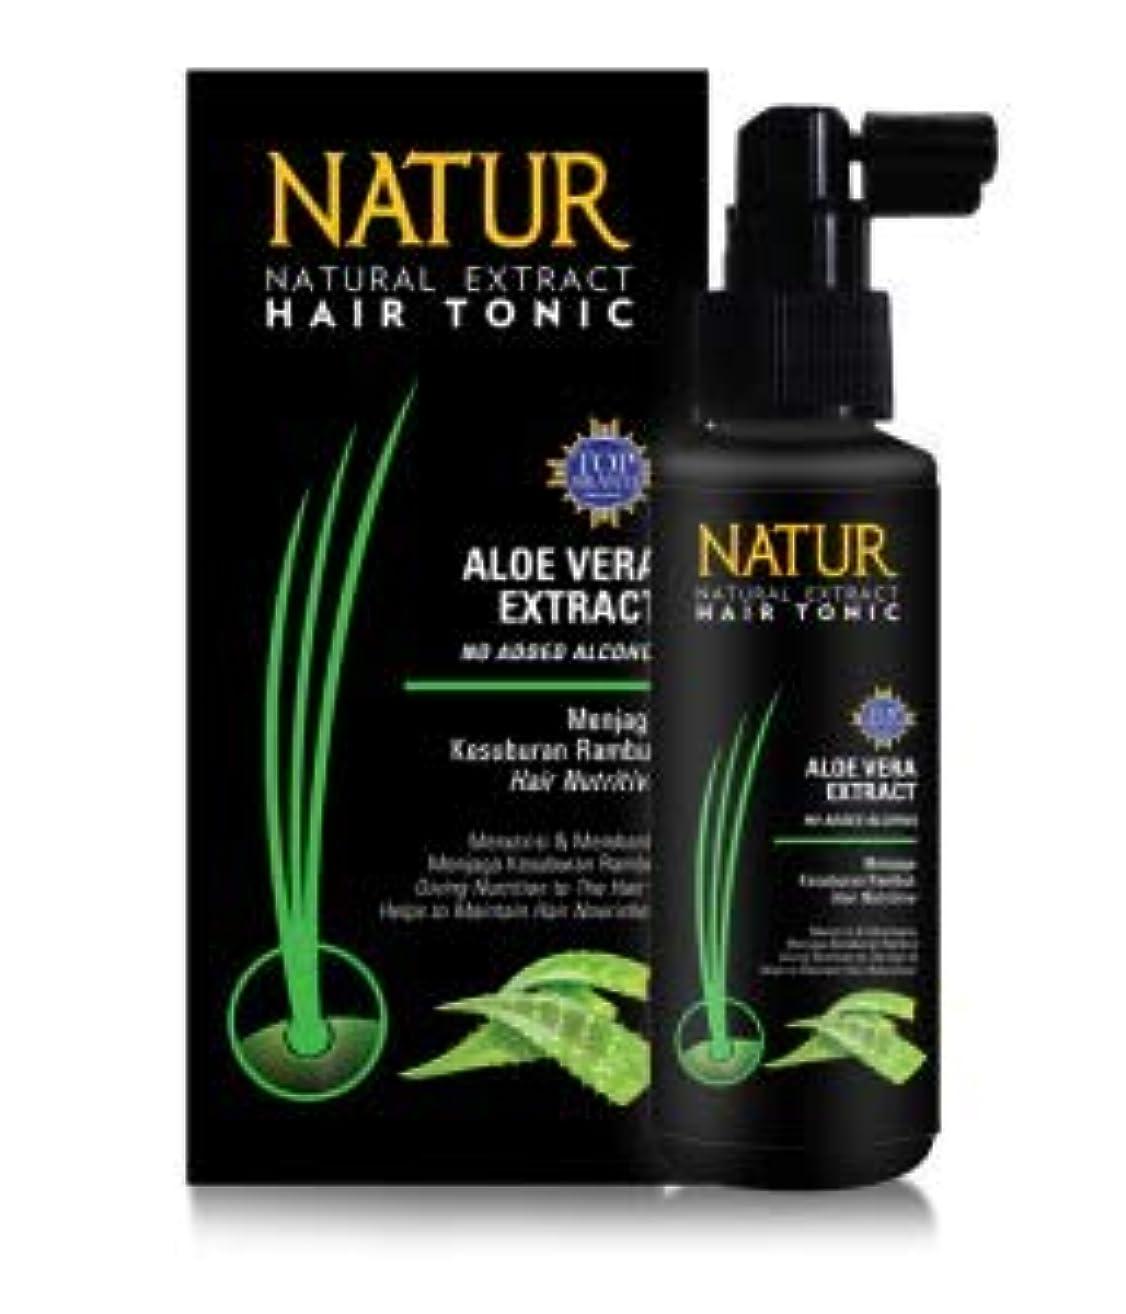 種証言する貢献するNATUR ナトゥール 天然植物エキス配合 Hair Tonic ハーバルヘアトニック 90ml Aloe vera アロエベラ [海外直商品]